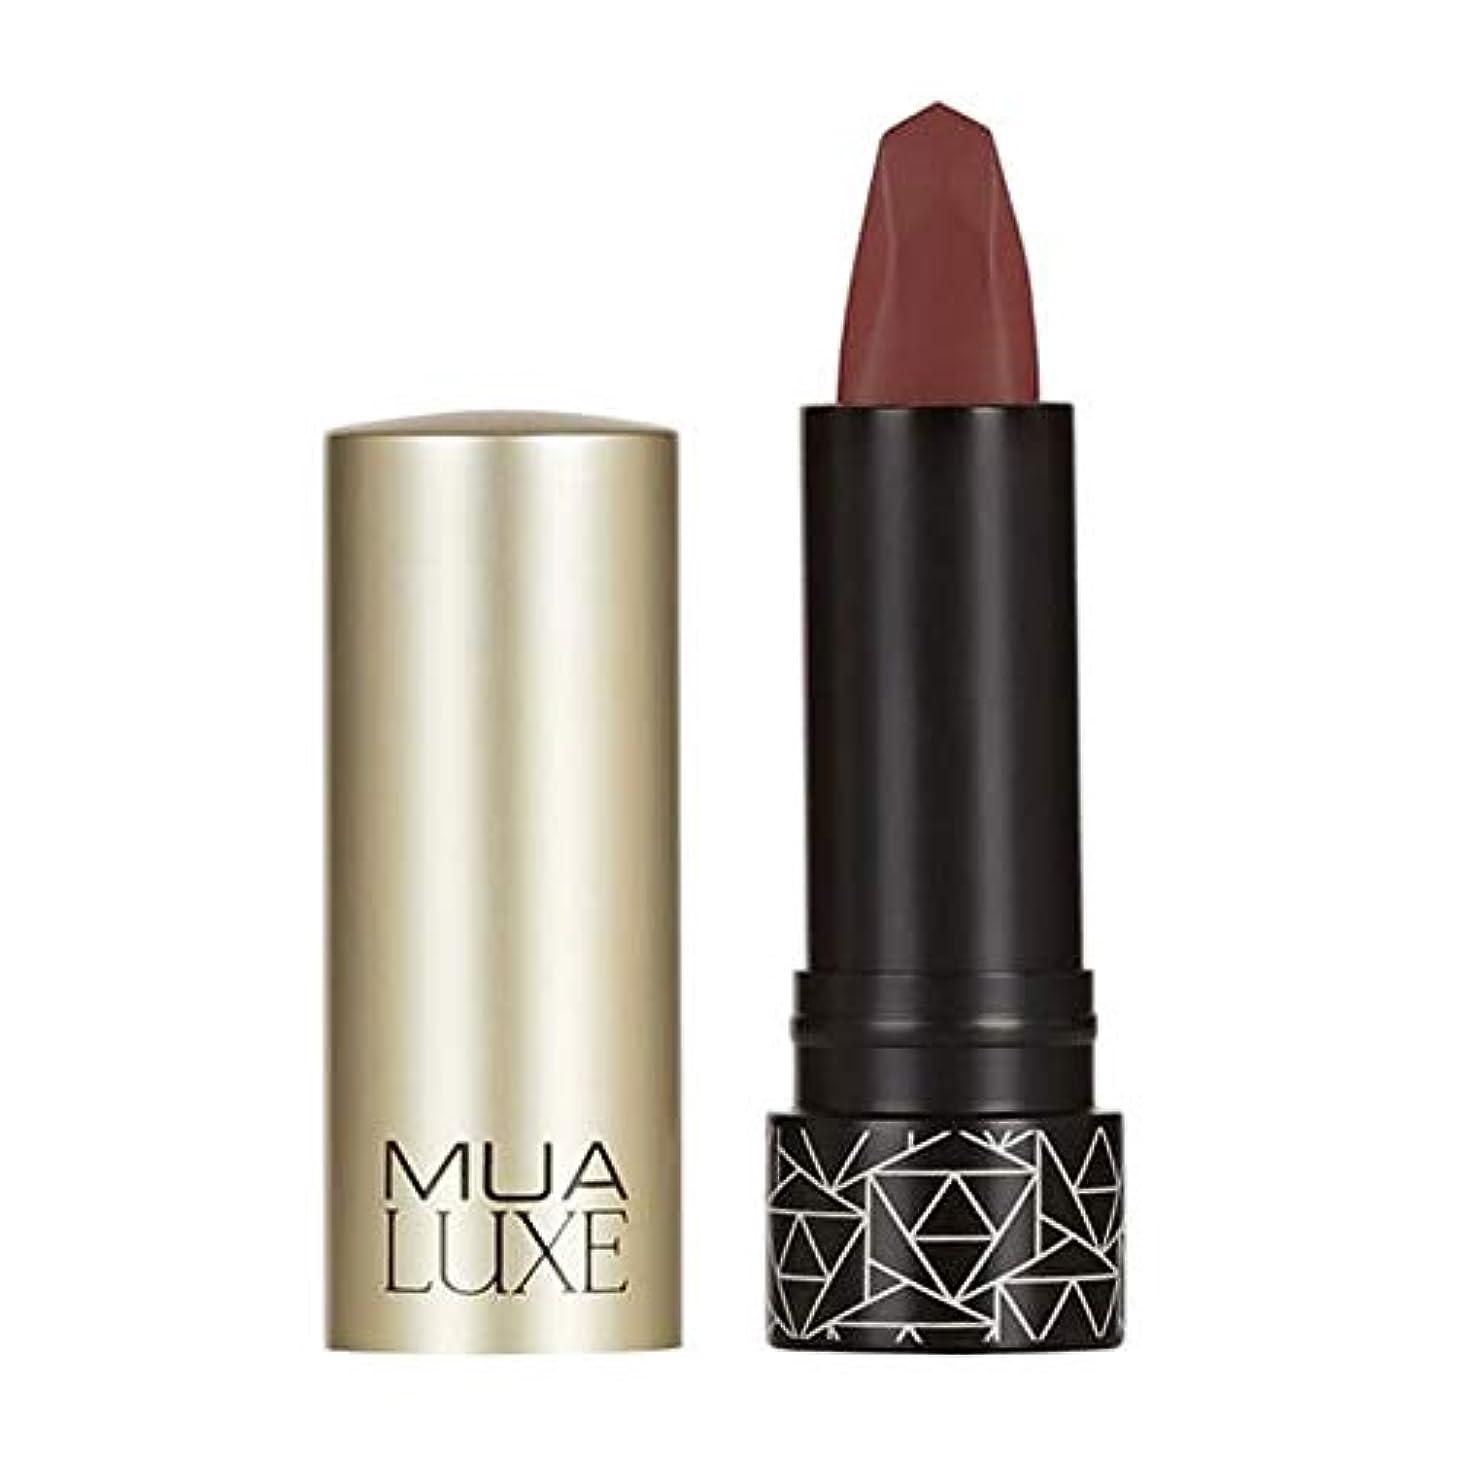 酔った牛肉ソフィー[MUA] Muaラックスベルベットマットリップスティック#3 - MUA Luxe Velvet Matte Lipstick #3 [並行輸入品]